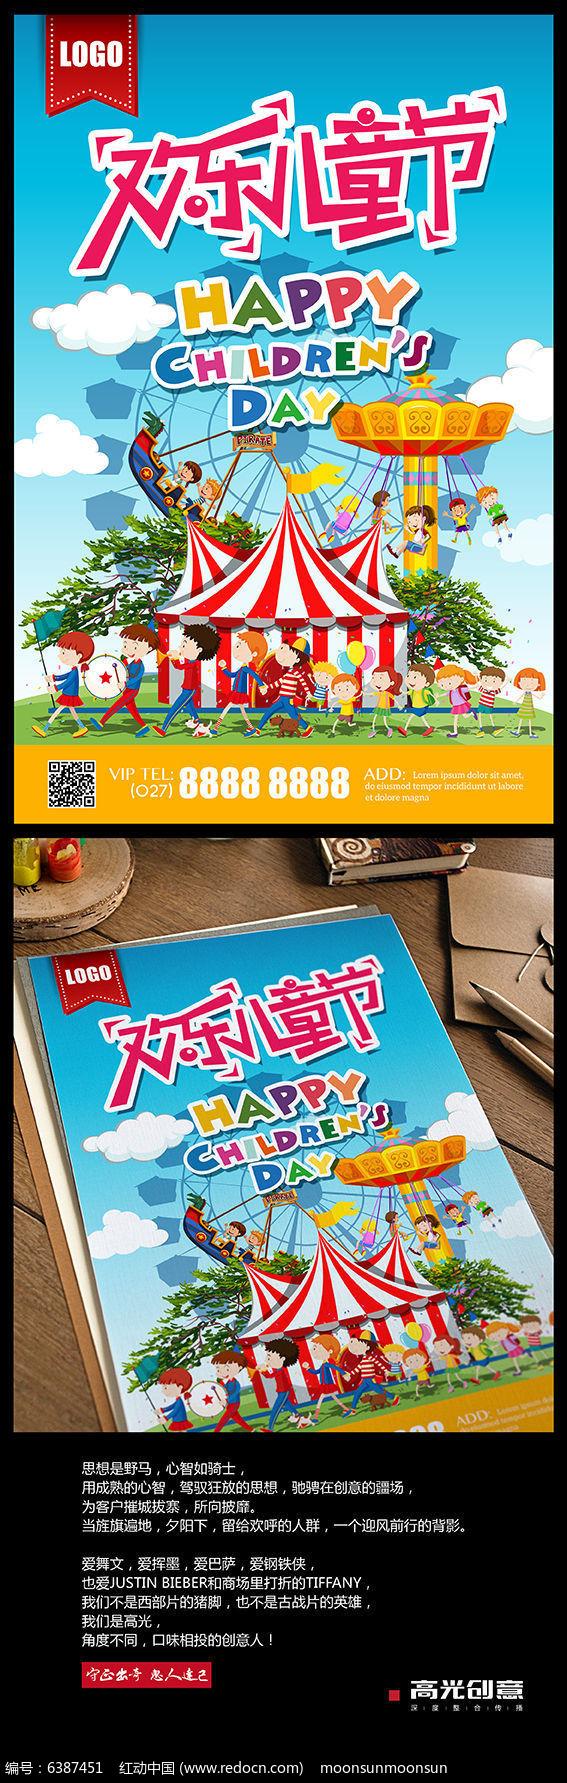 儿童节游乐场海报